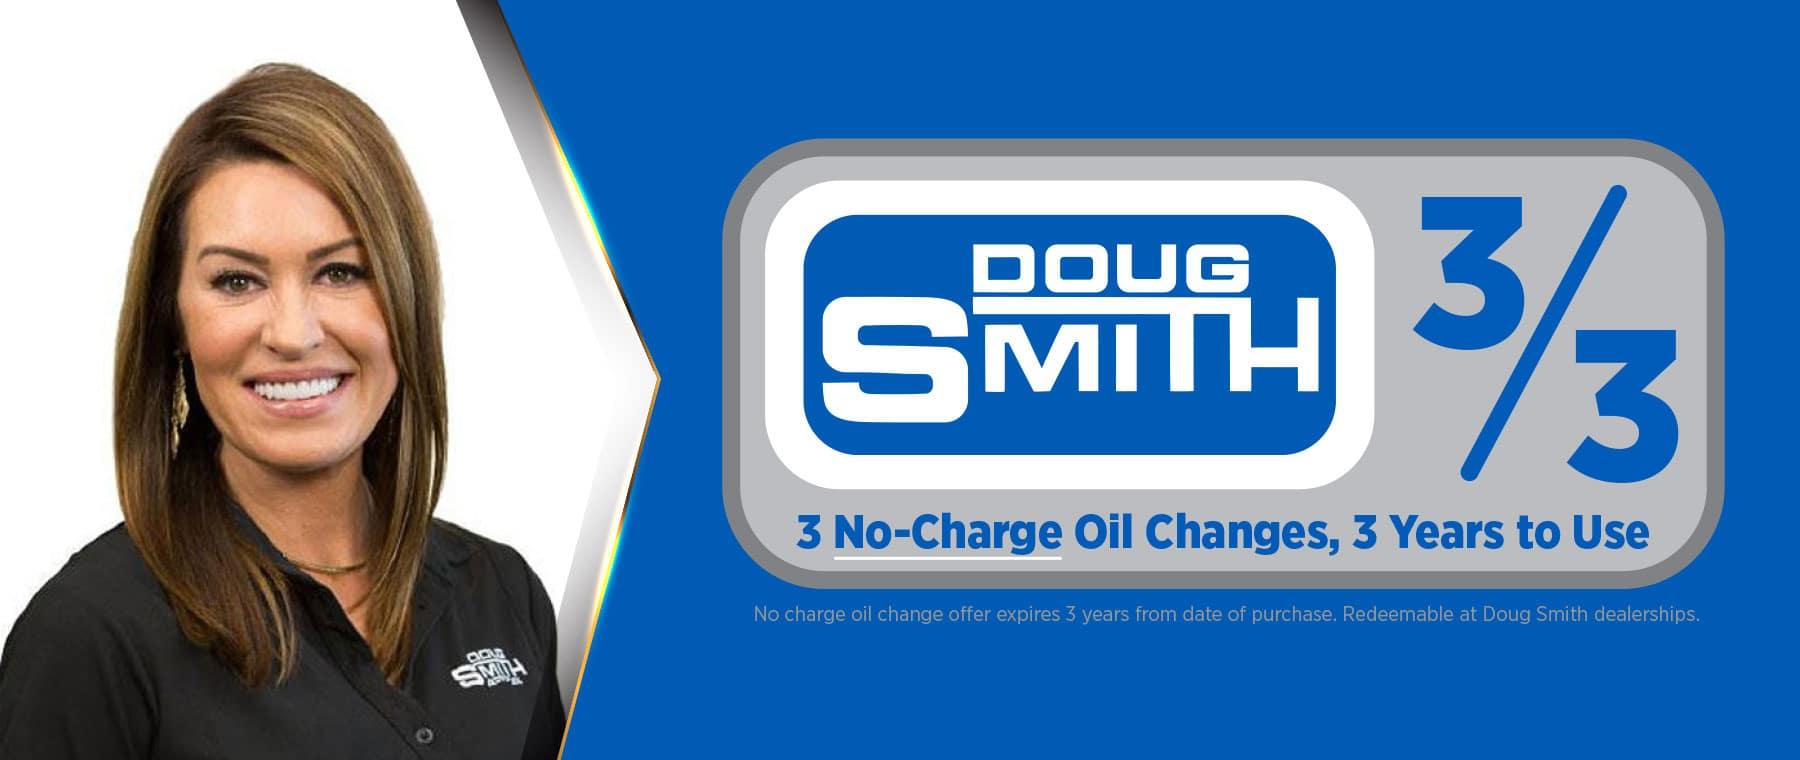 Doug-Smith-3-3-No-Charge-Maintenance-Slider-1800×760